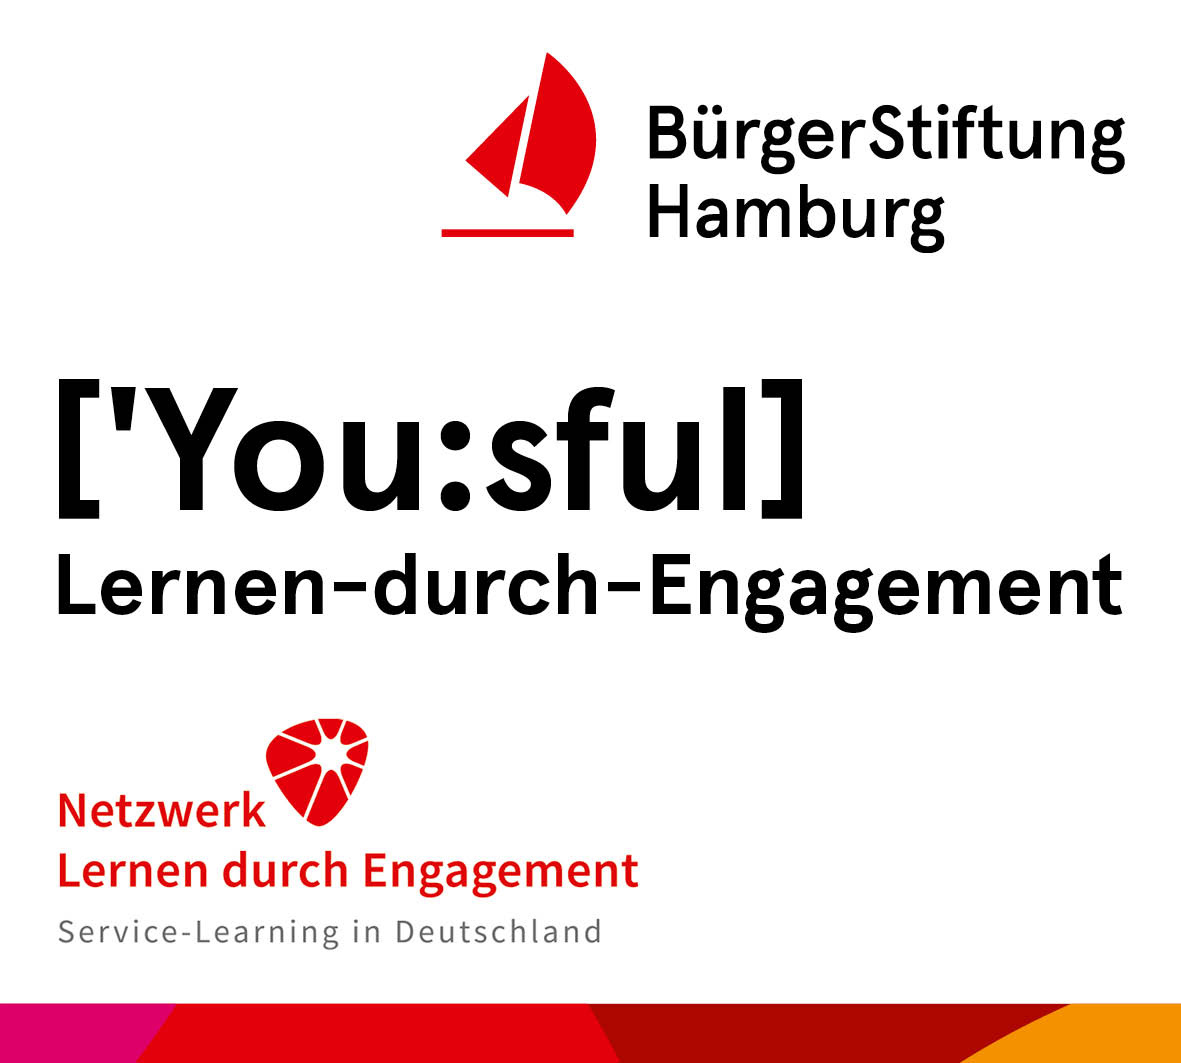 Kooperation im Netzwerk ['You:sful] Lernen-durch-Engagement wird verlängert